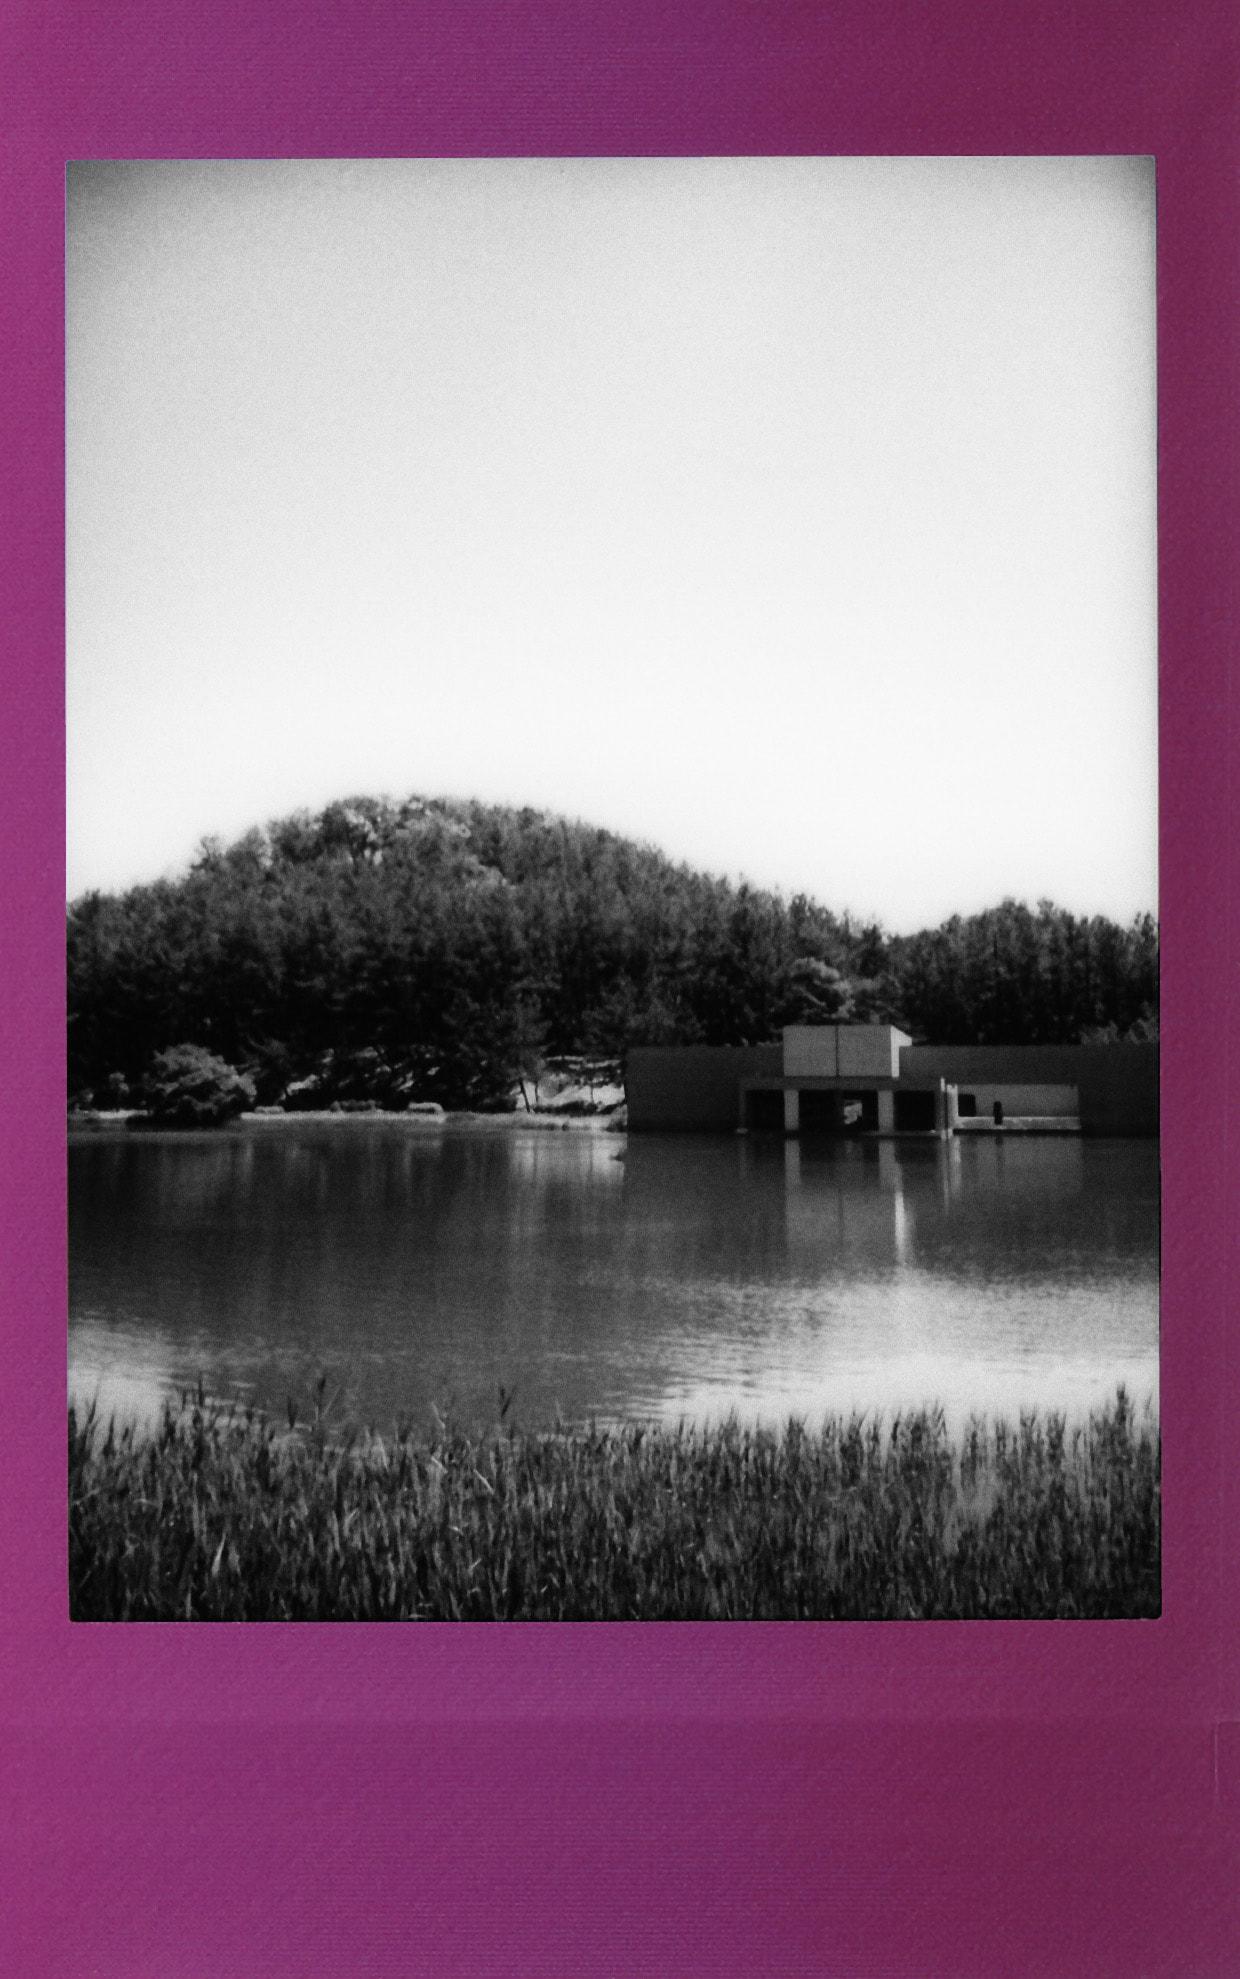 土門拳記念館にて2020-5-30 チェキフィルムにて撮影(その5)